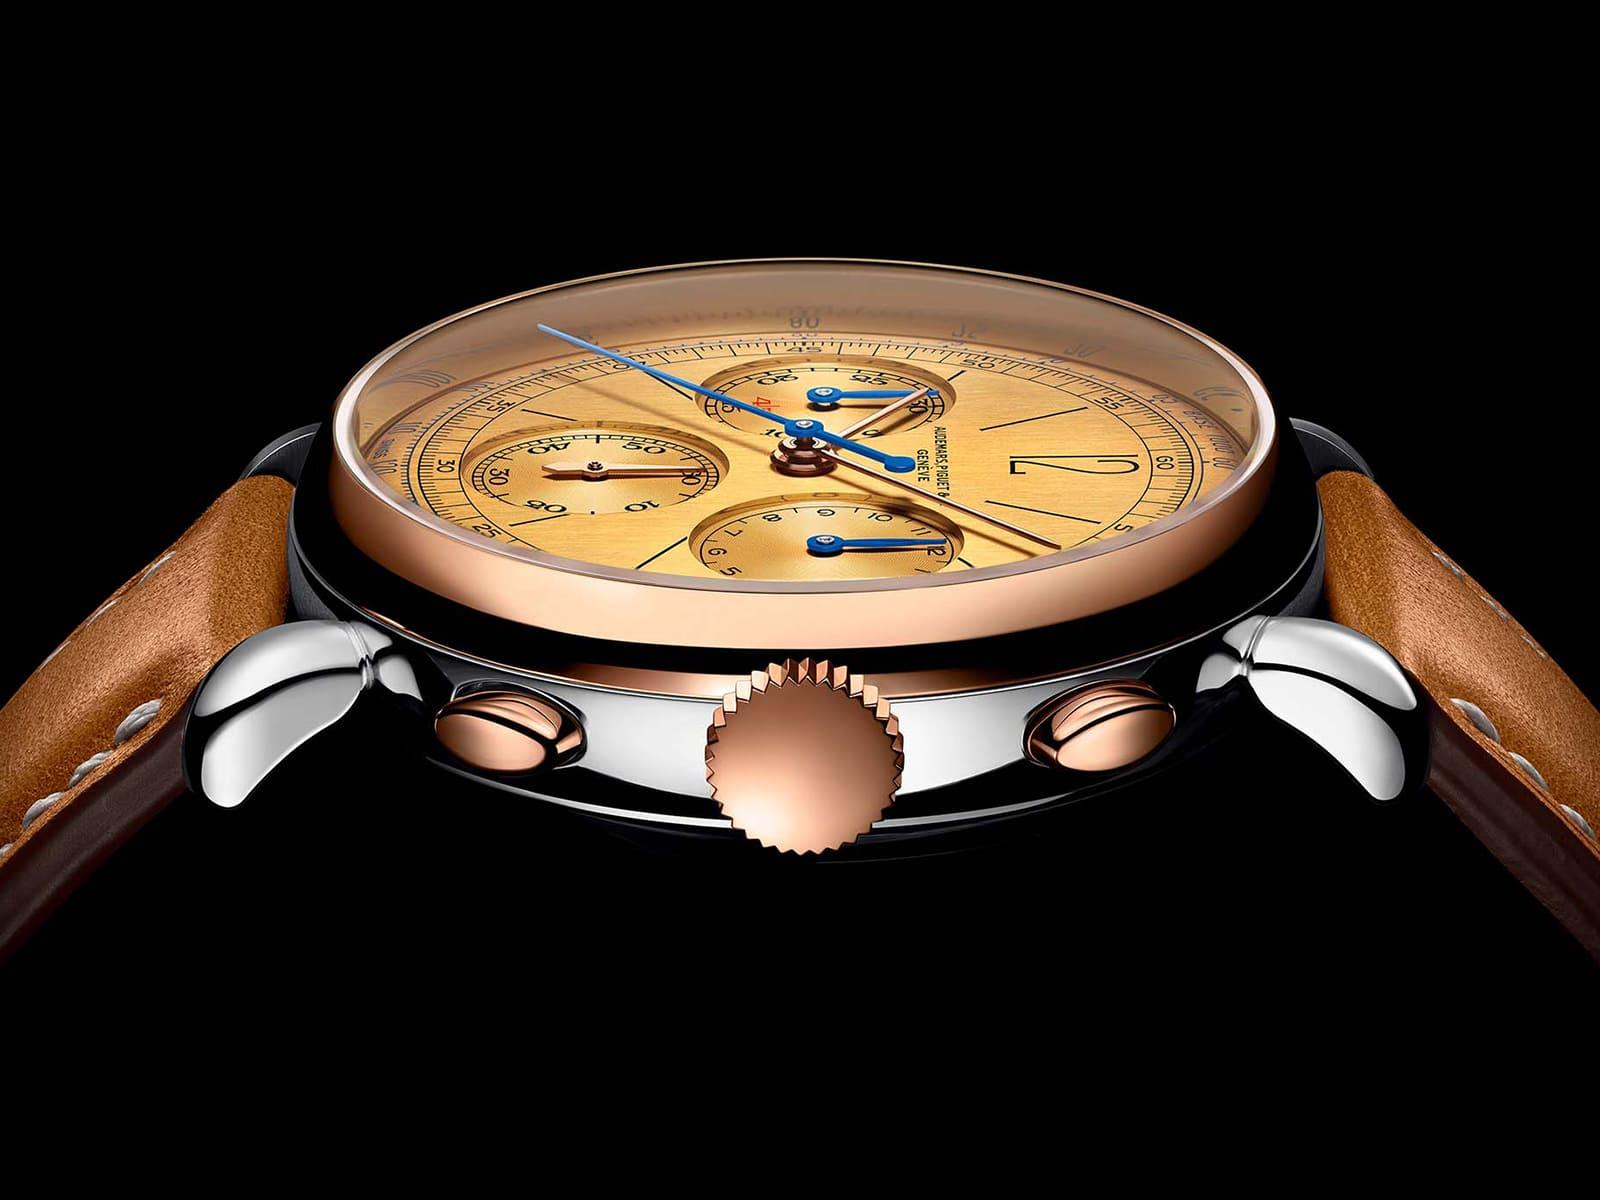 26595sr-oo-a032ve-01-audemars-piguet-remaster01-chronograph-5.jpg